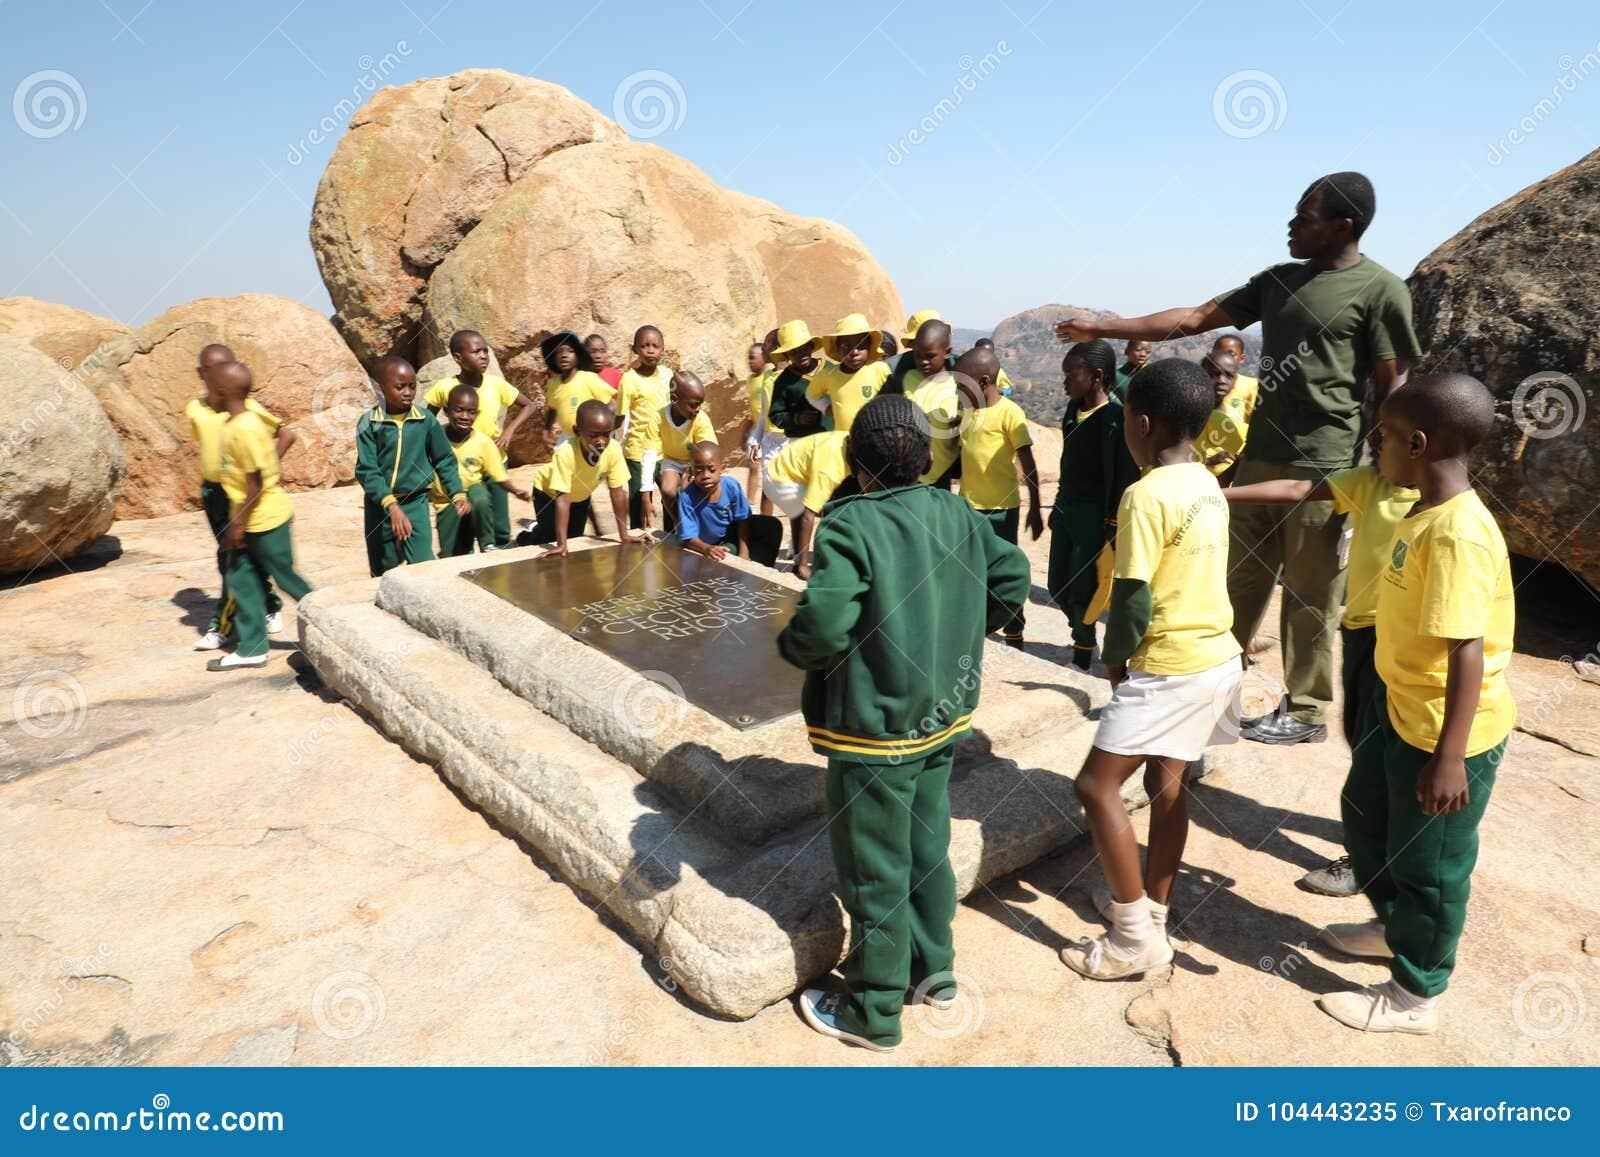 Gruppe Kinder besuchen das Grab von Cecil Rhodes zimbabwe afrika